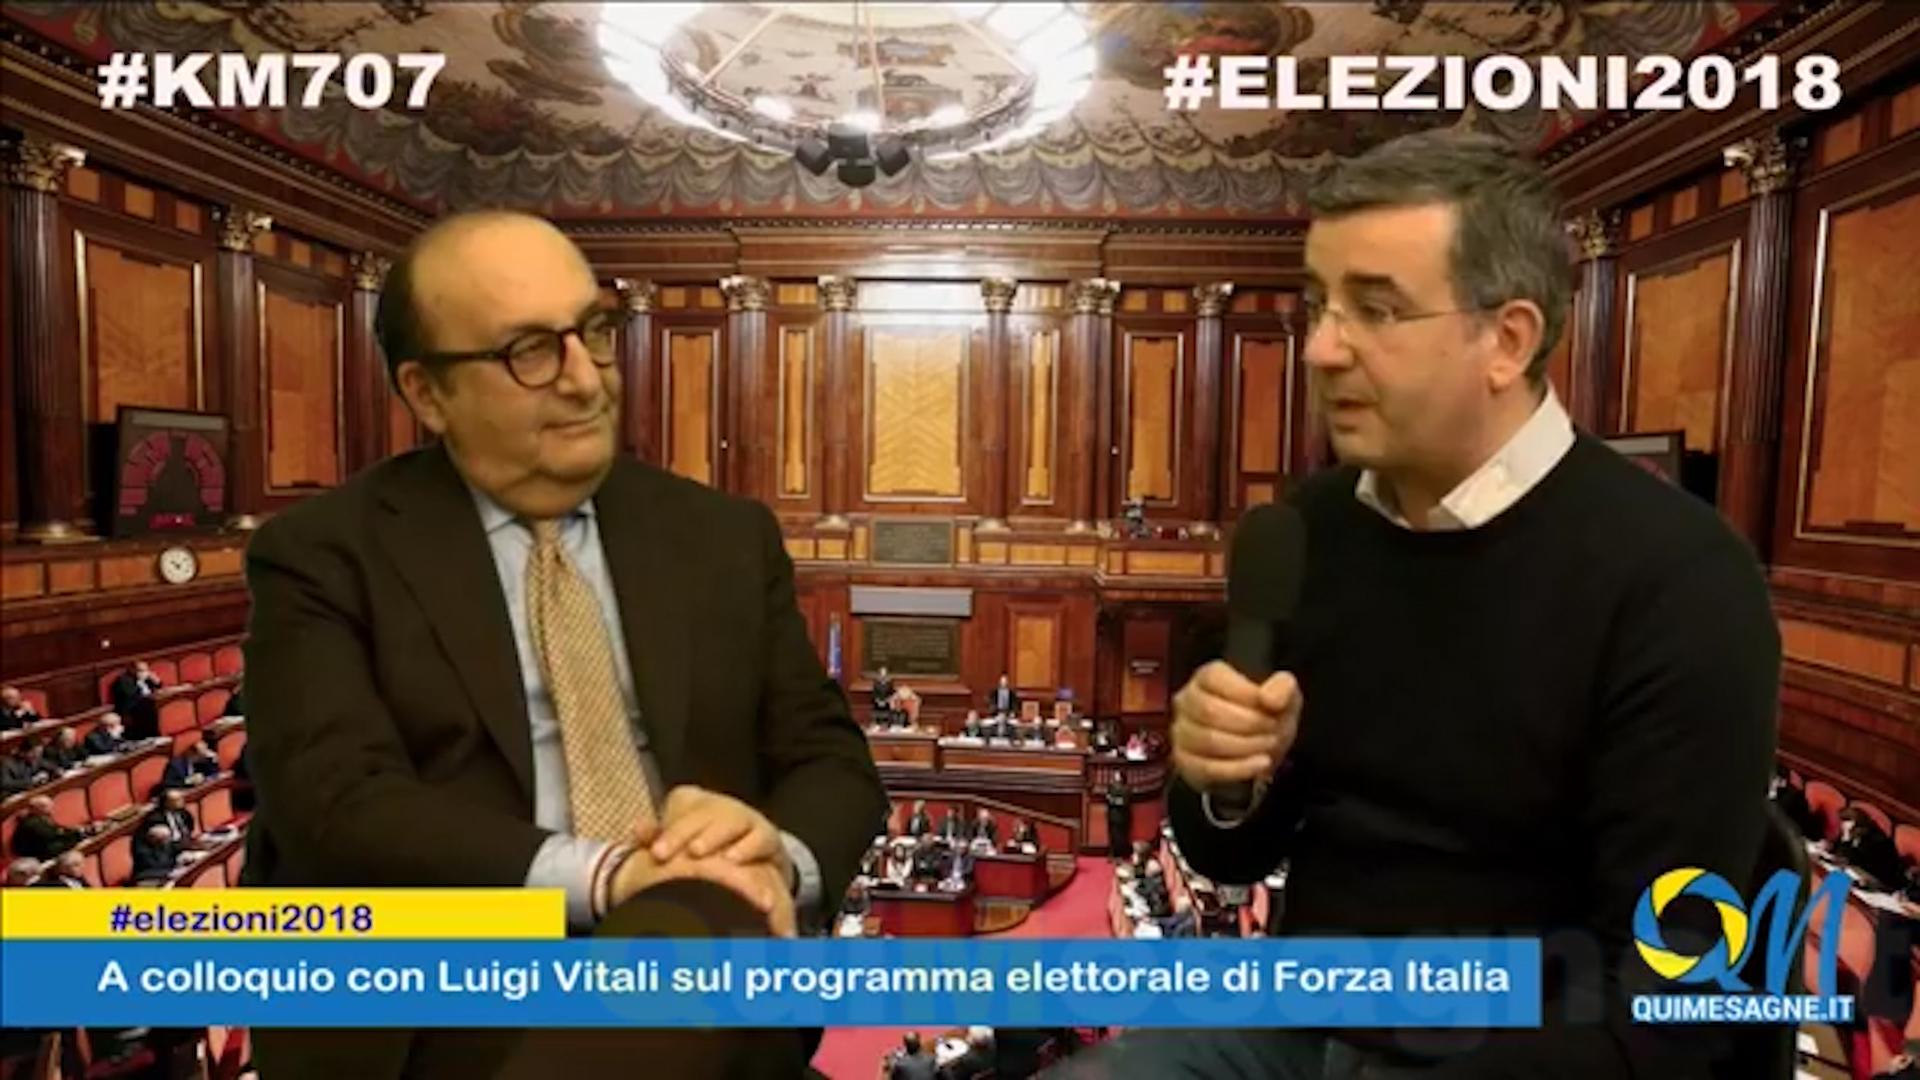 #KM707 #ELEZIONI2018 – A colloquio con Luigi Vitali sul programma elettorale di Forza Italia